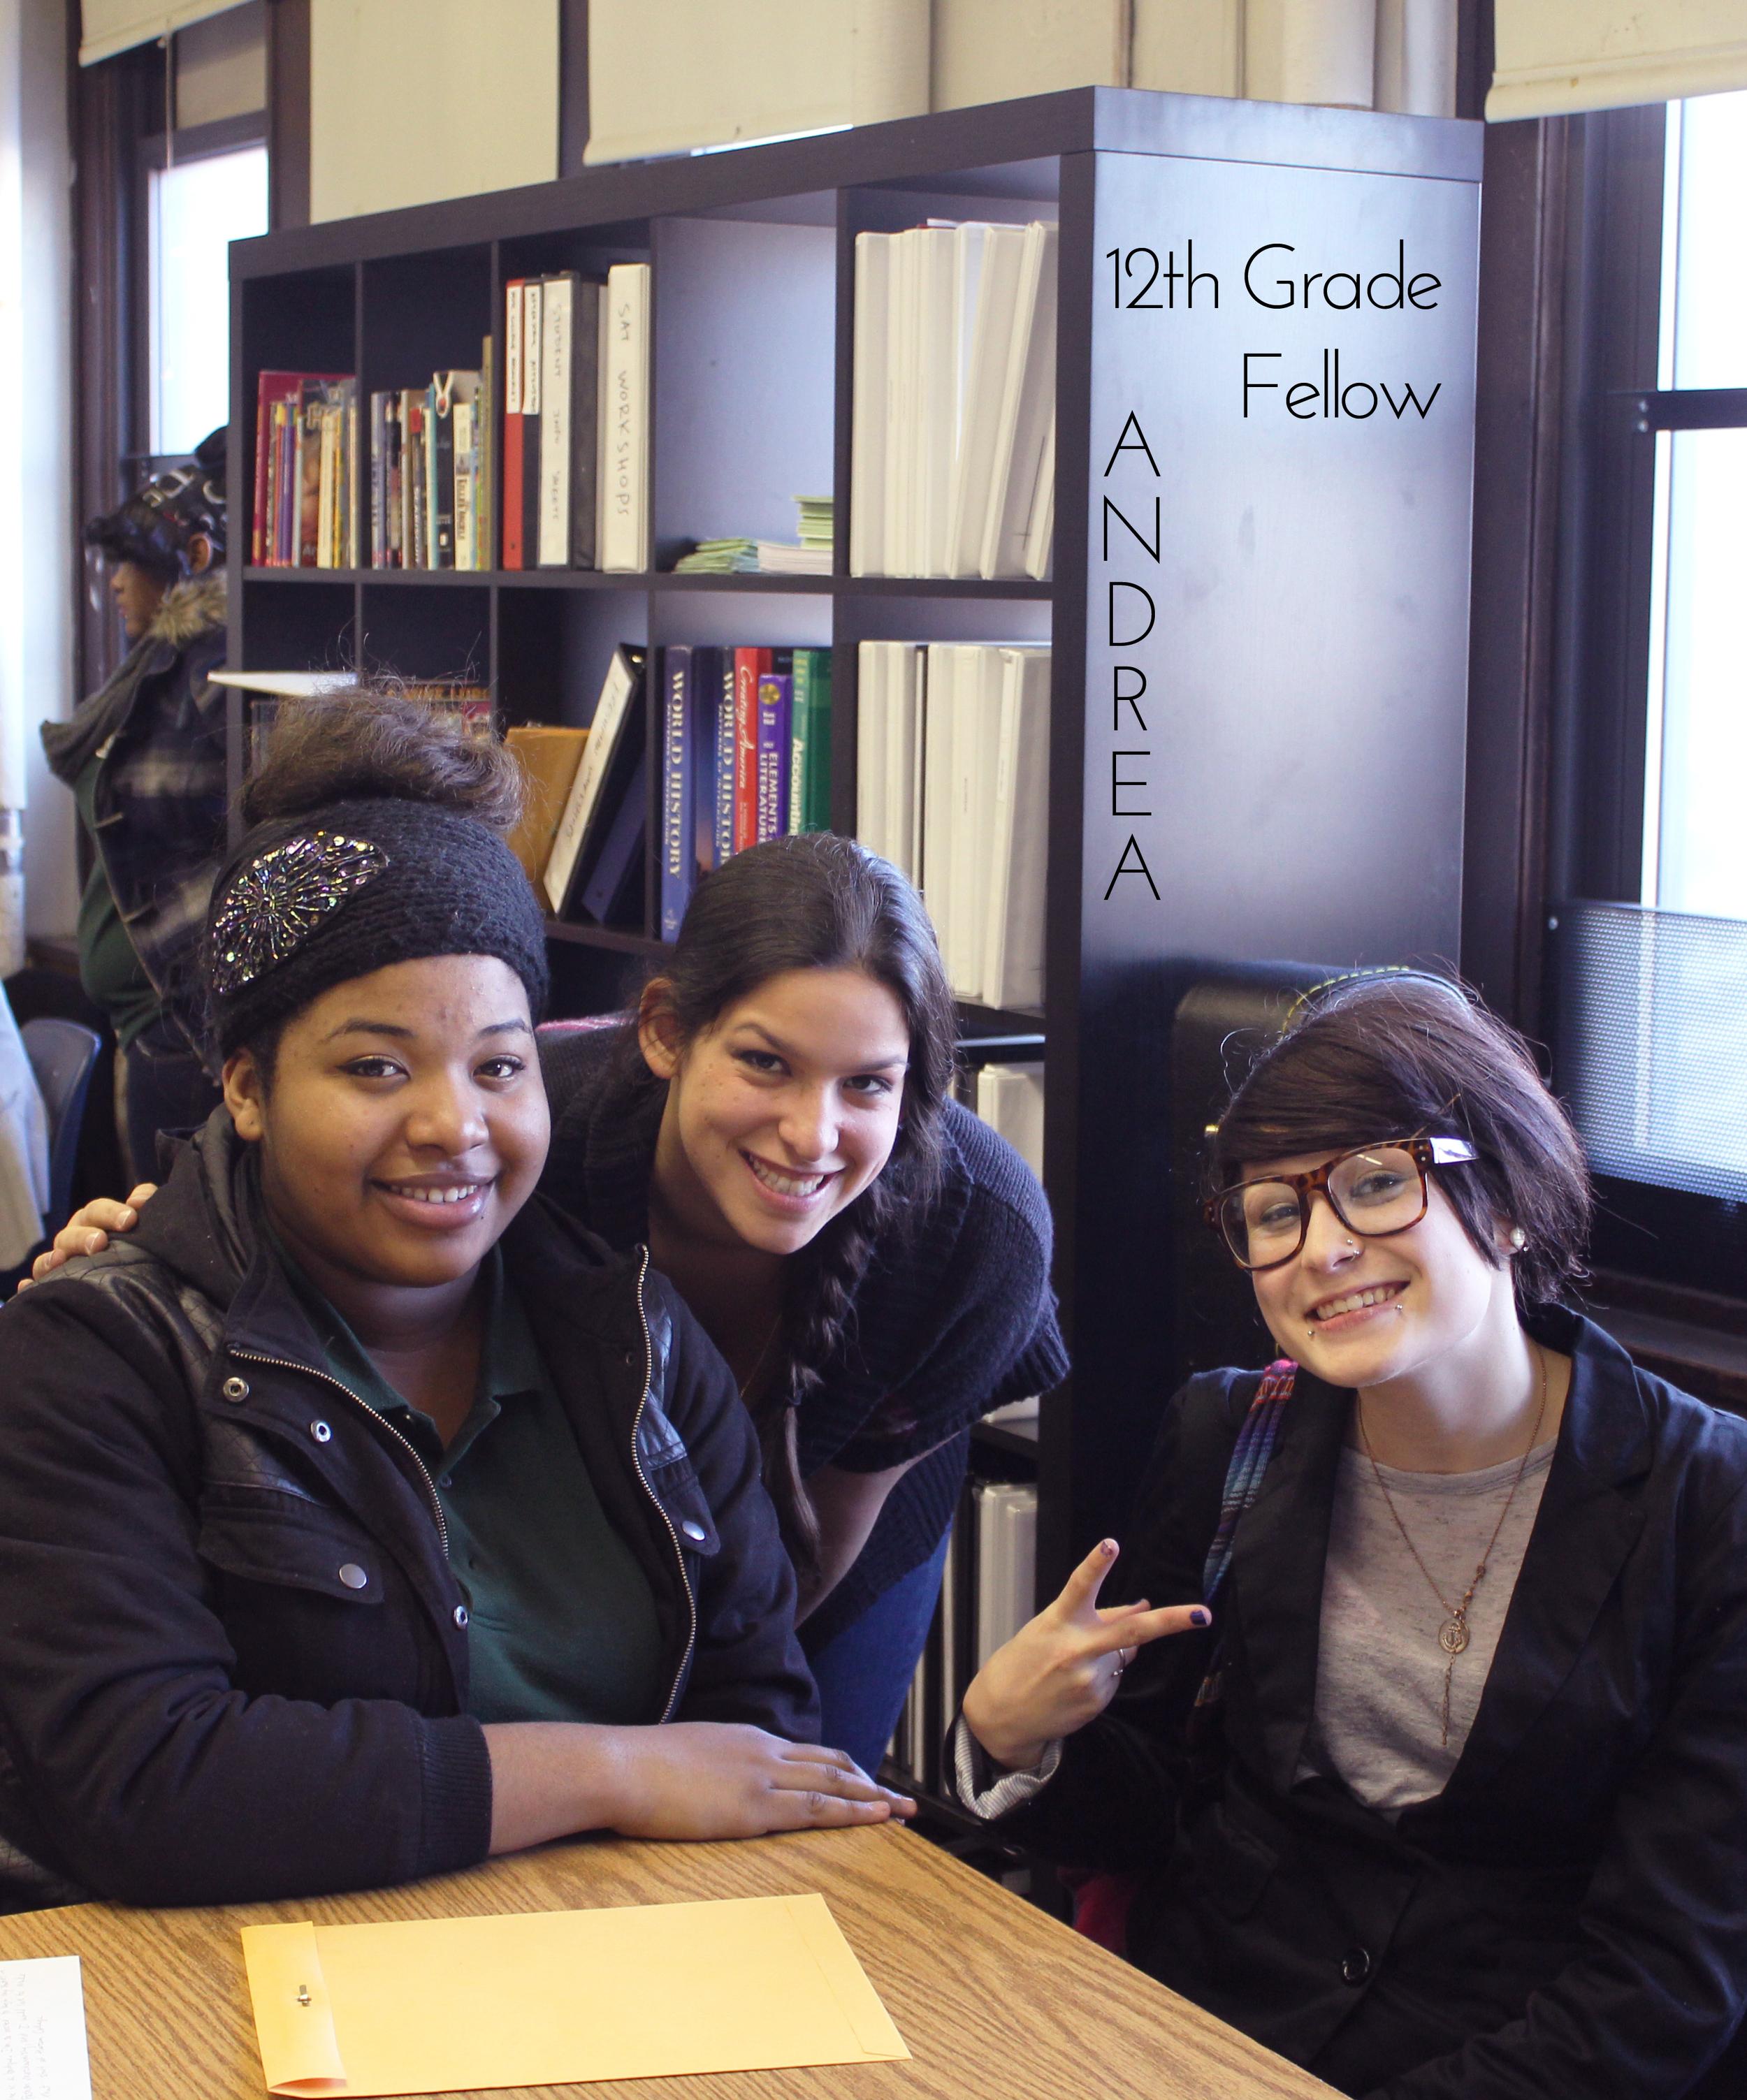 Meet our 12+ Grade Fellow Andrea!